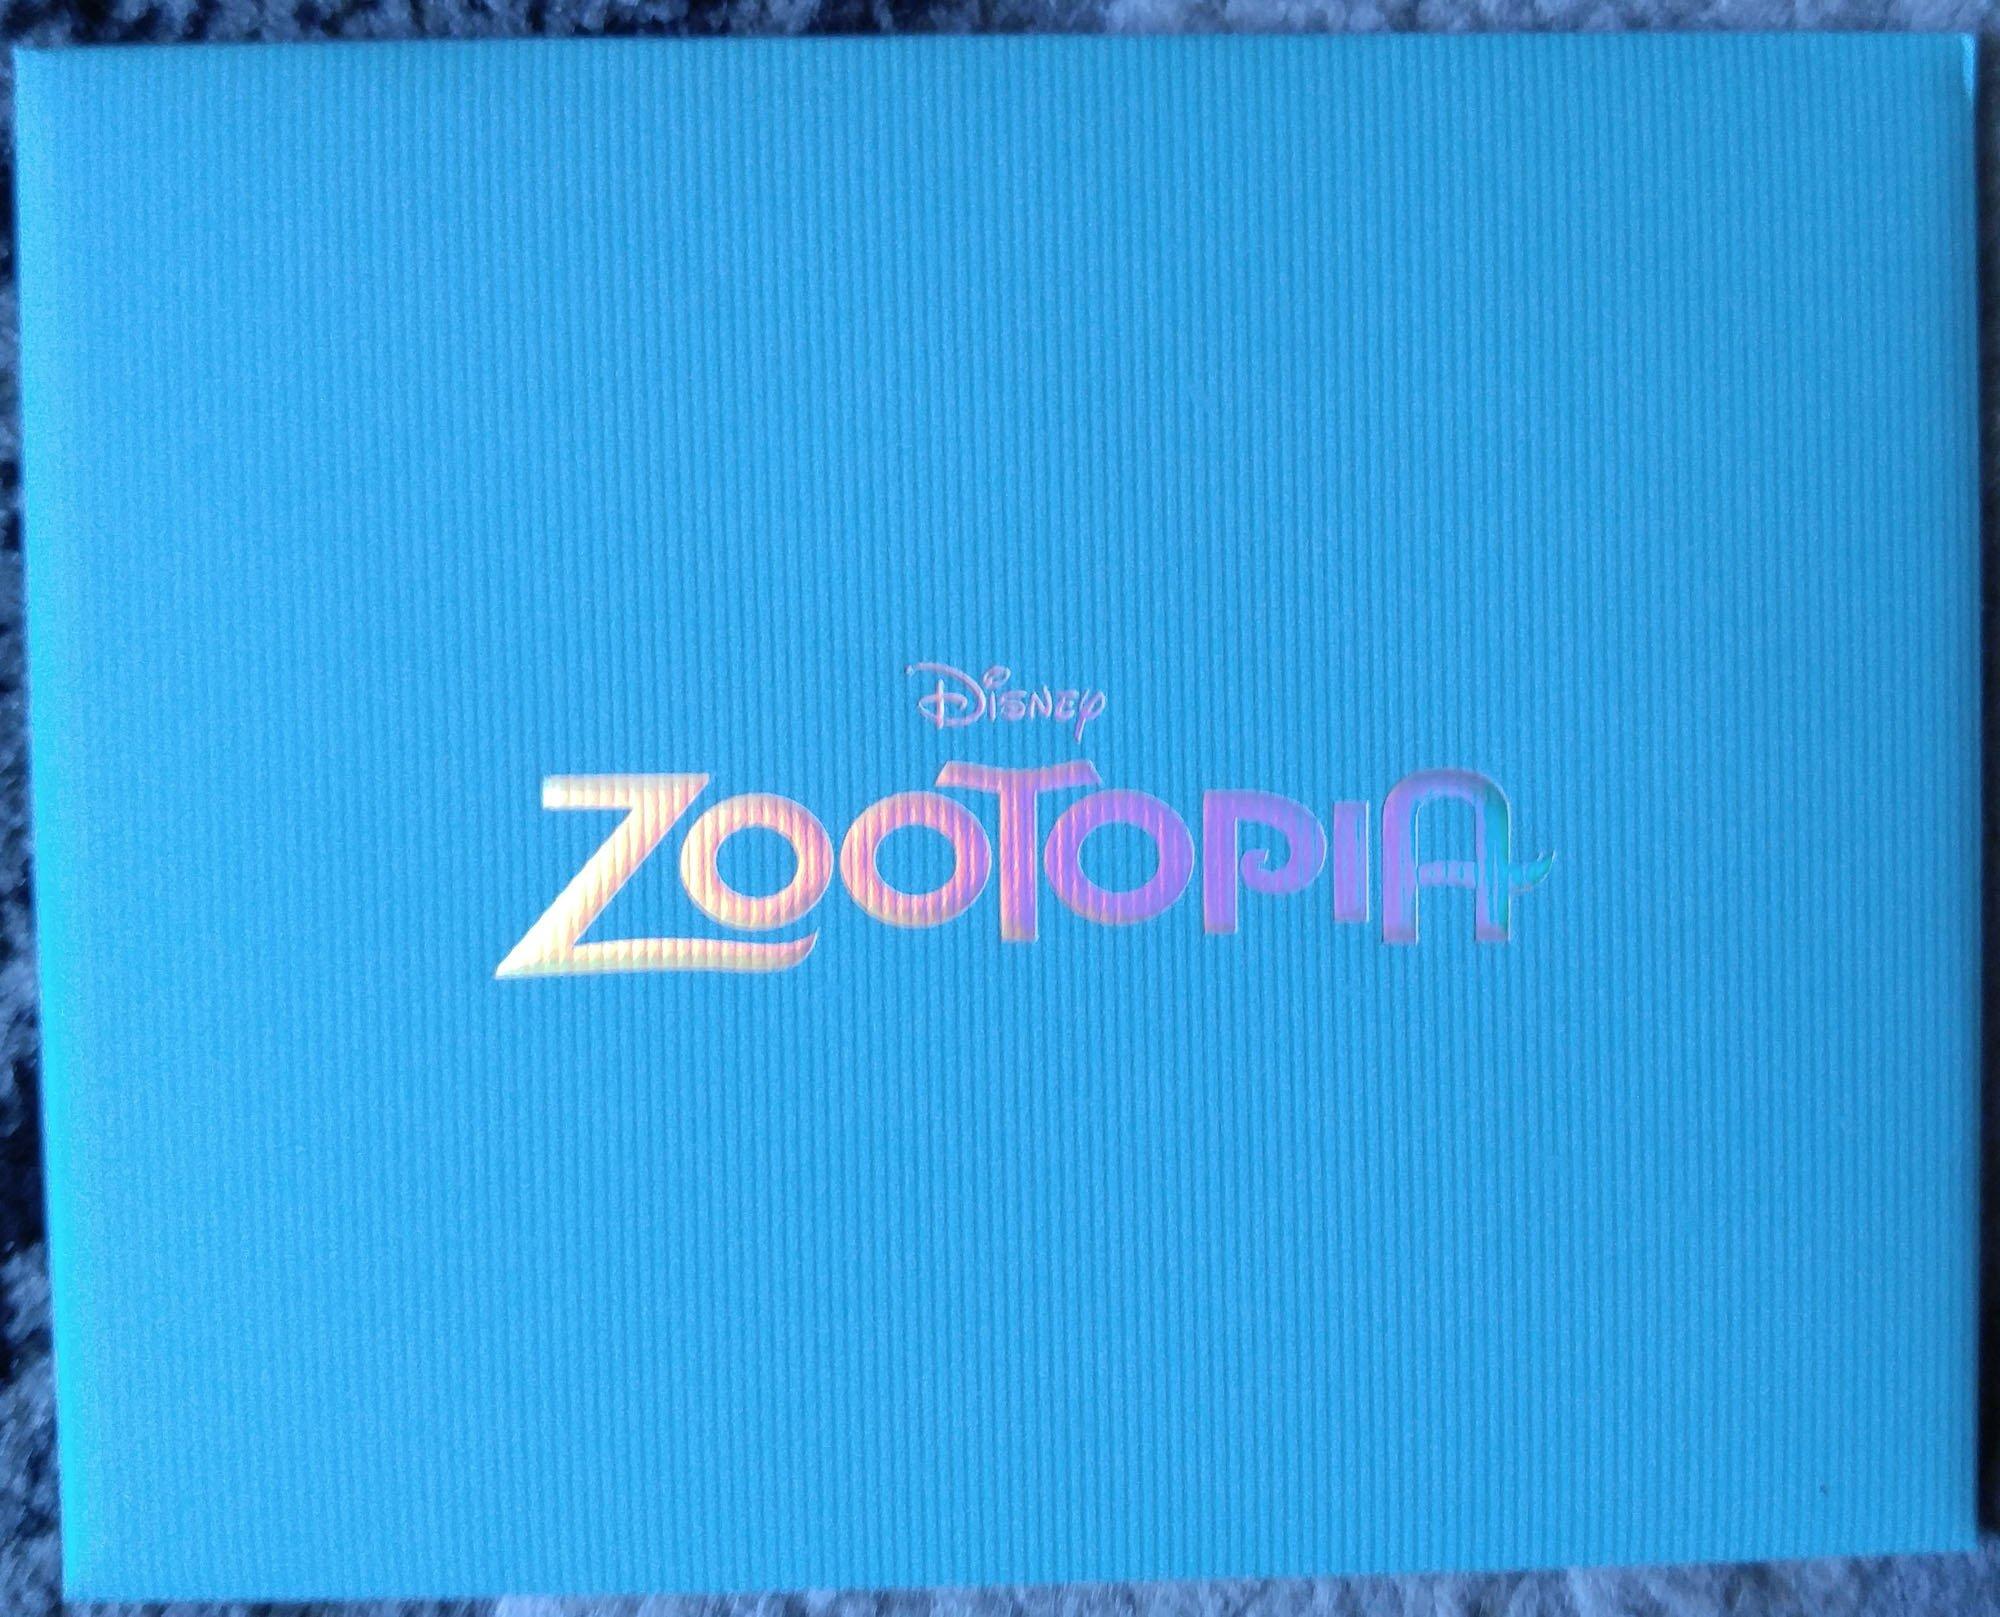 pocztowki Jestem kolekcjonerę #2 Zootopia Kimchi Collection